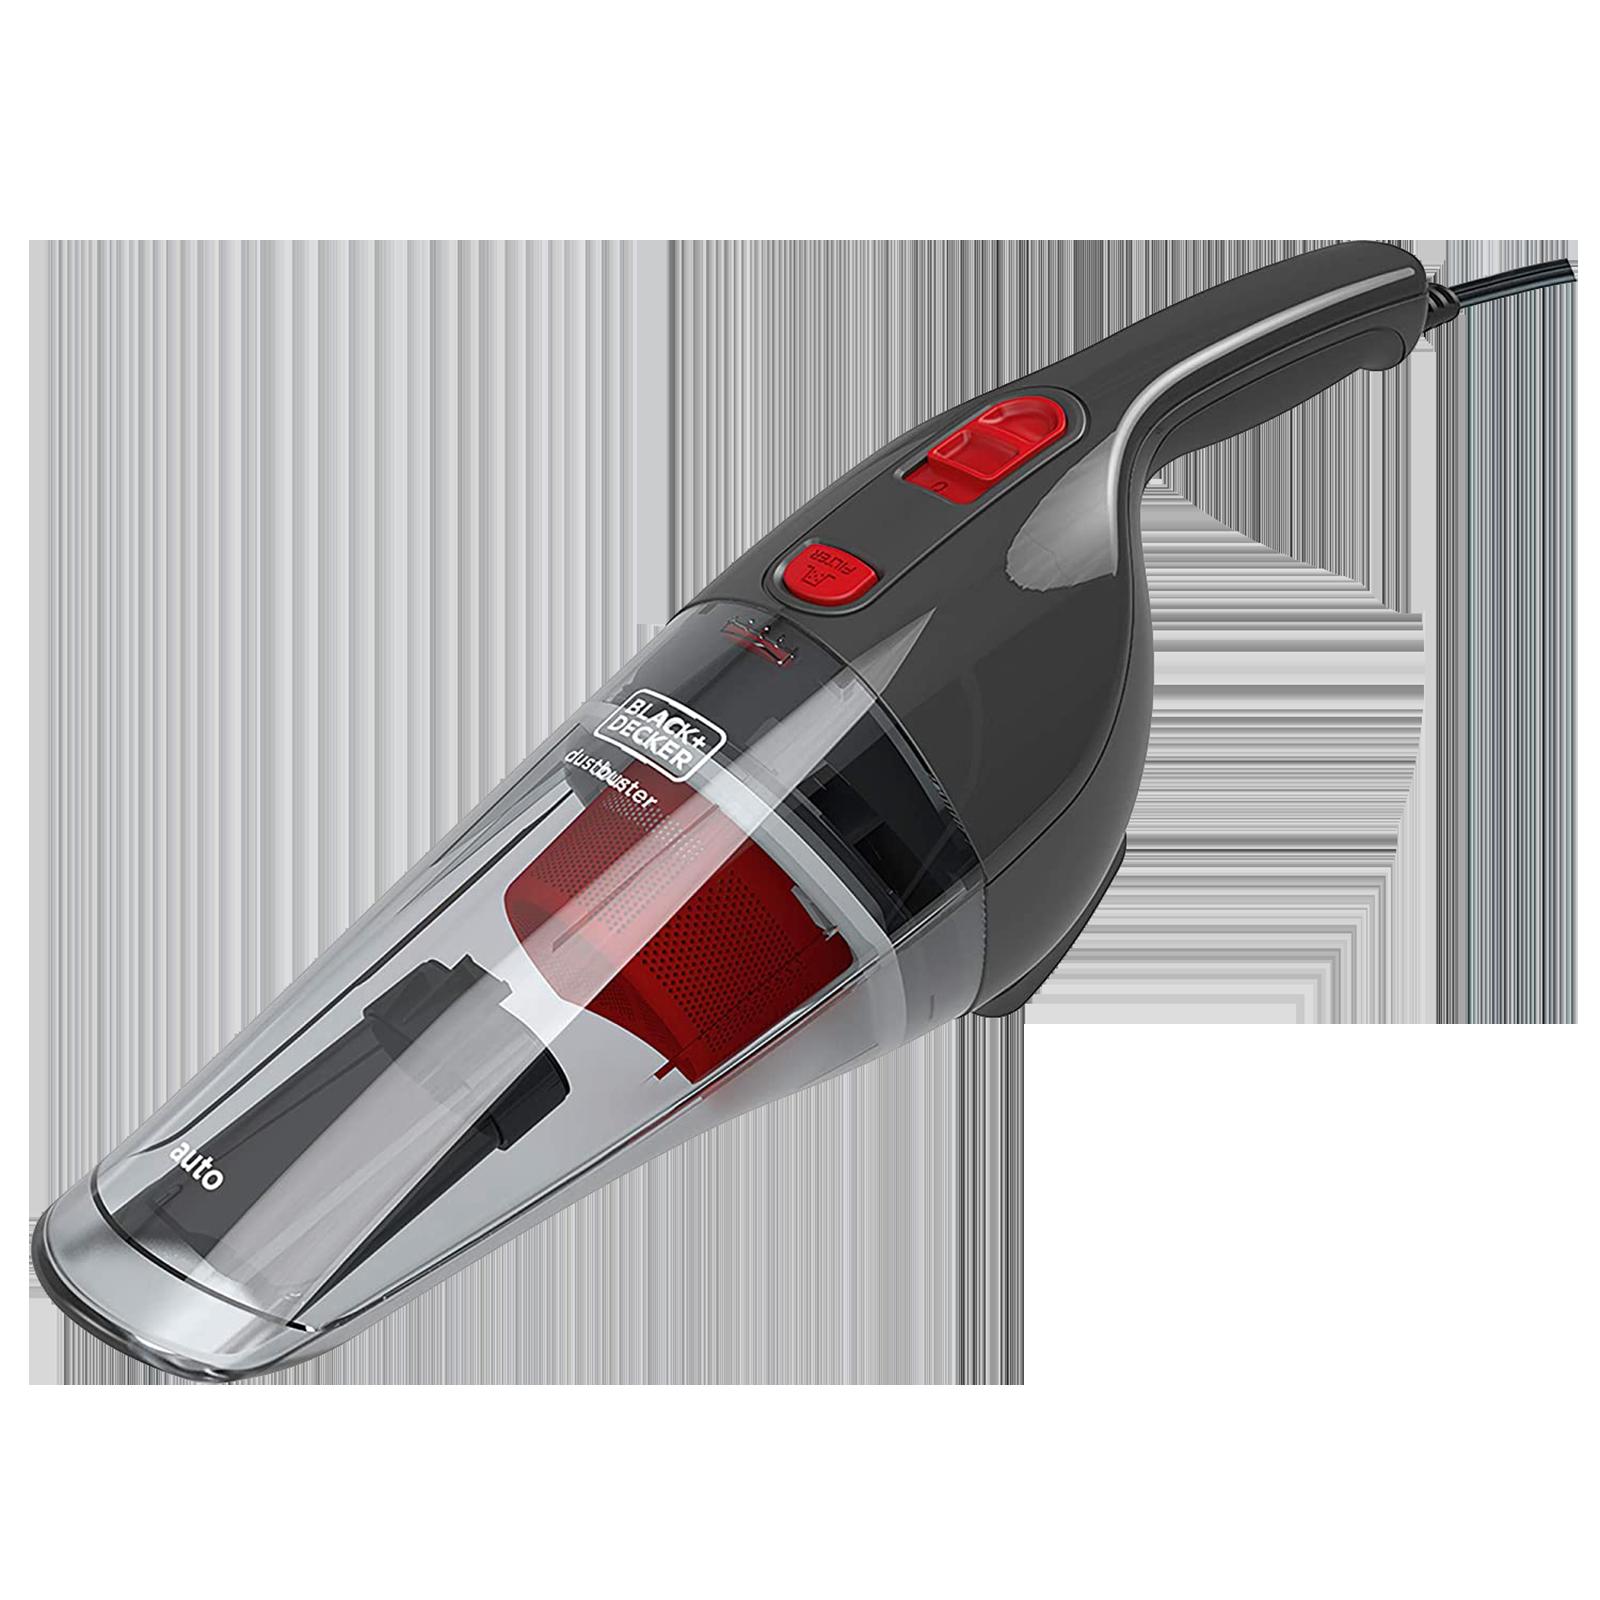 Black & Decker Dustbuster Car Vacuum Cleaner (NV1200AV-B5, Black)_1